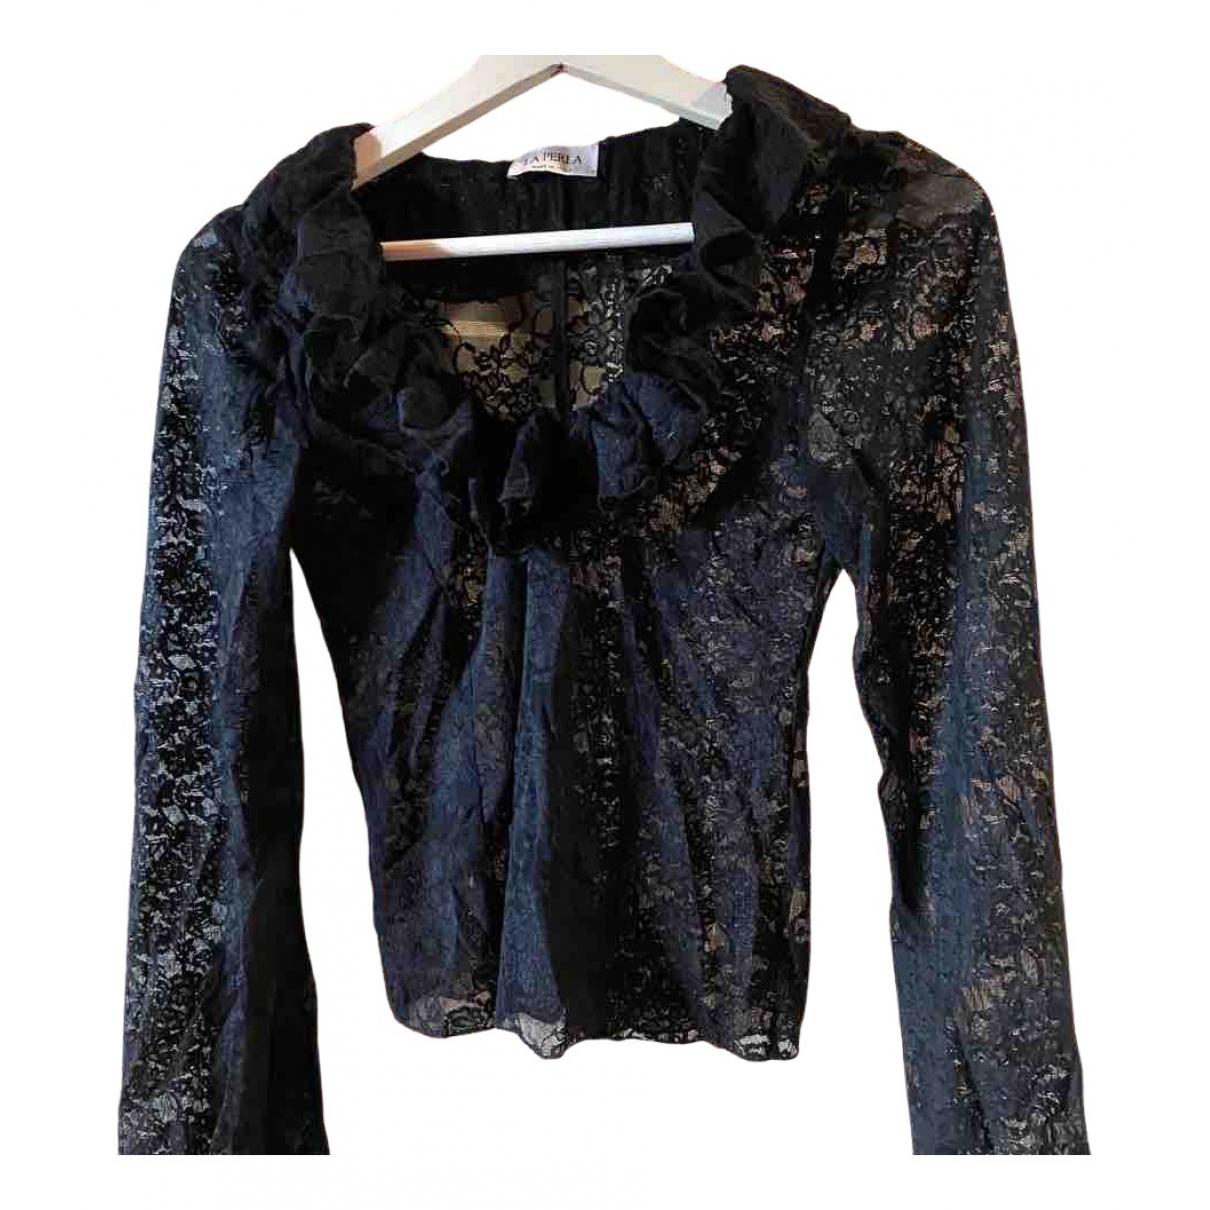 La Perla \N Black Lace  top for Women 38 IT